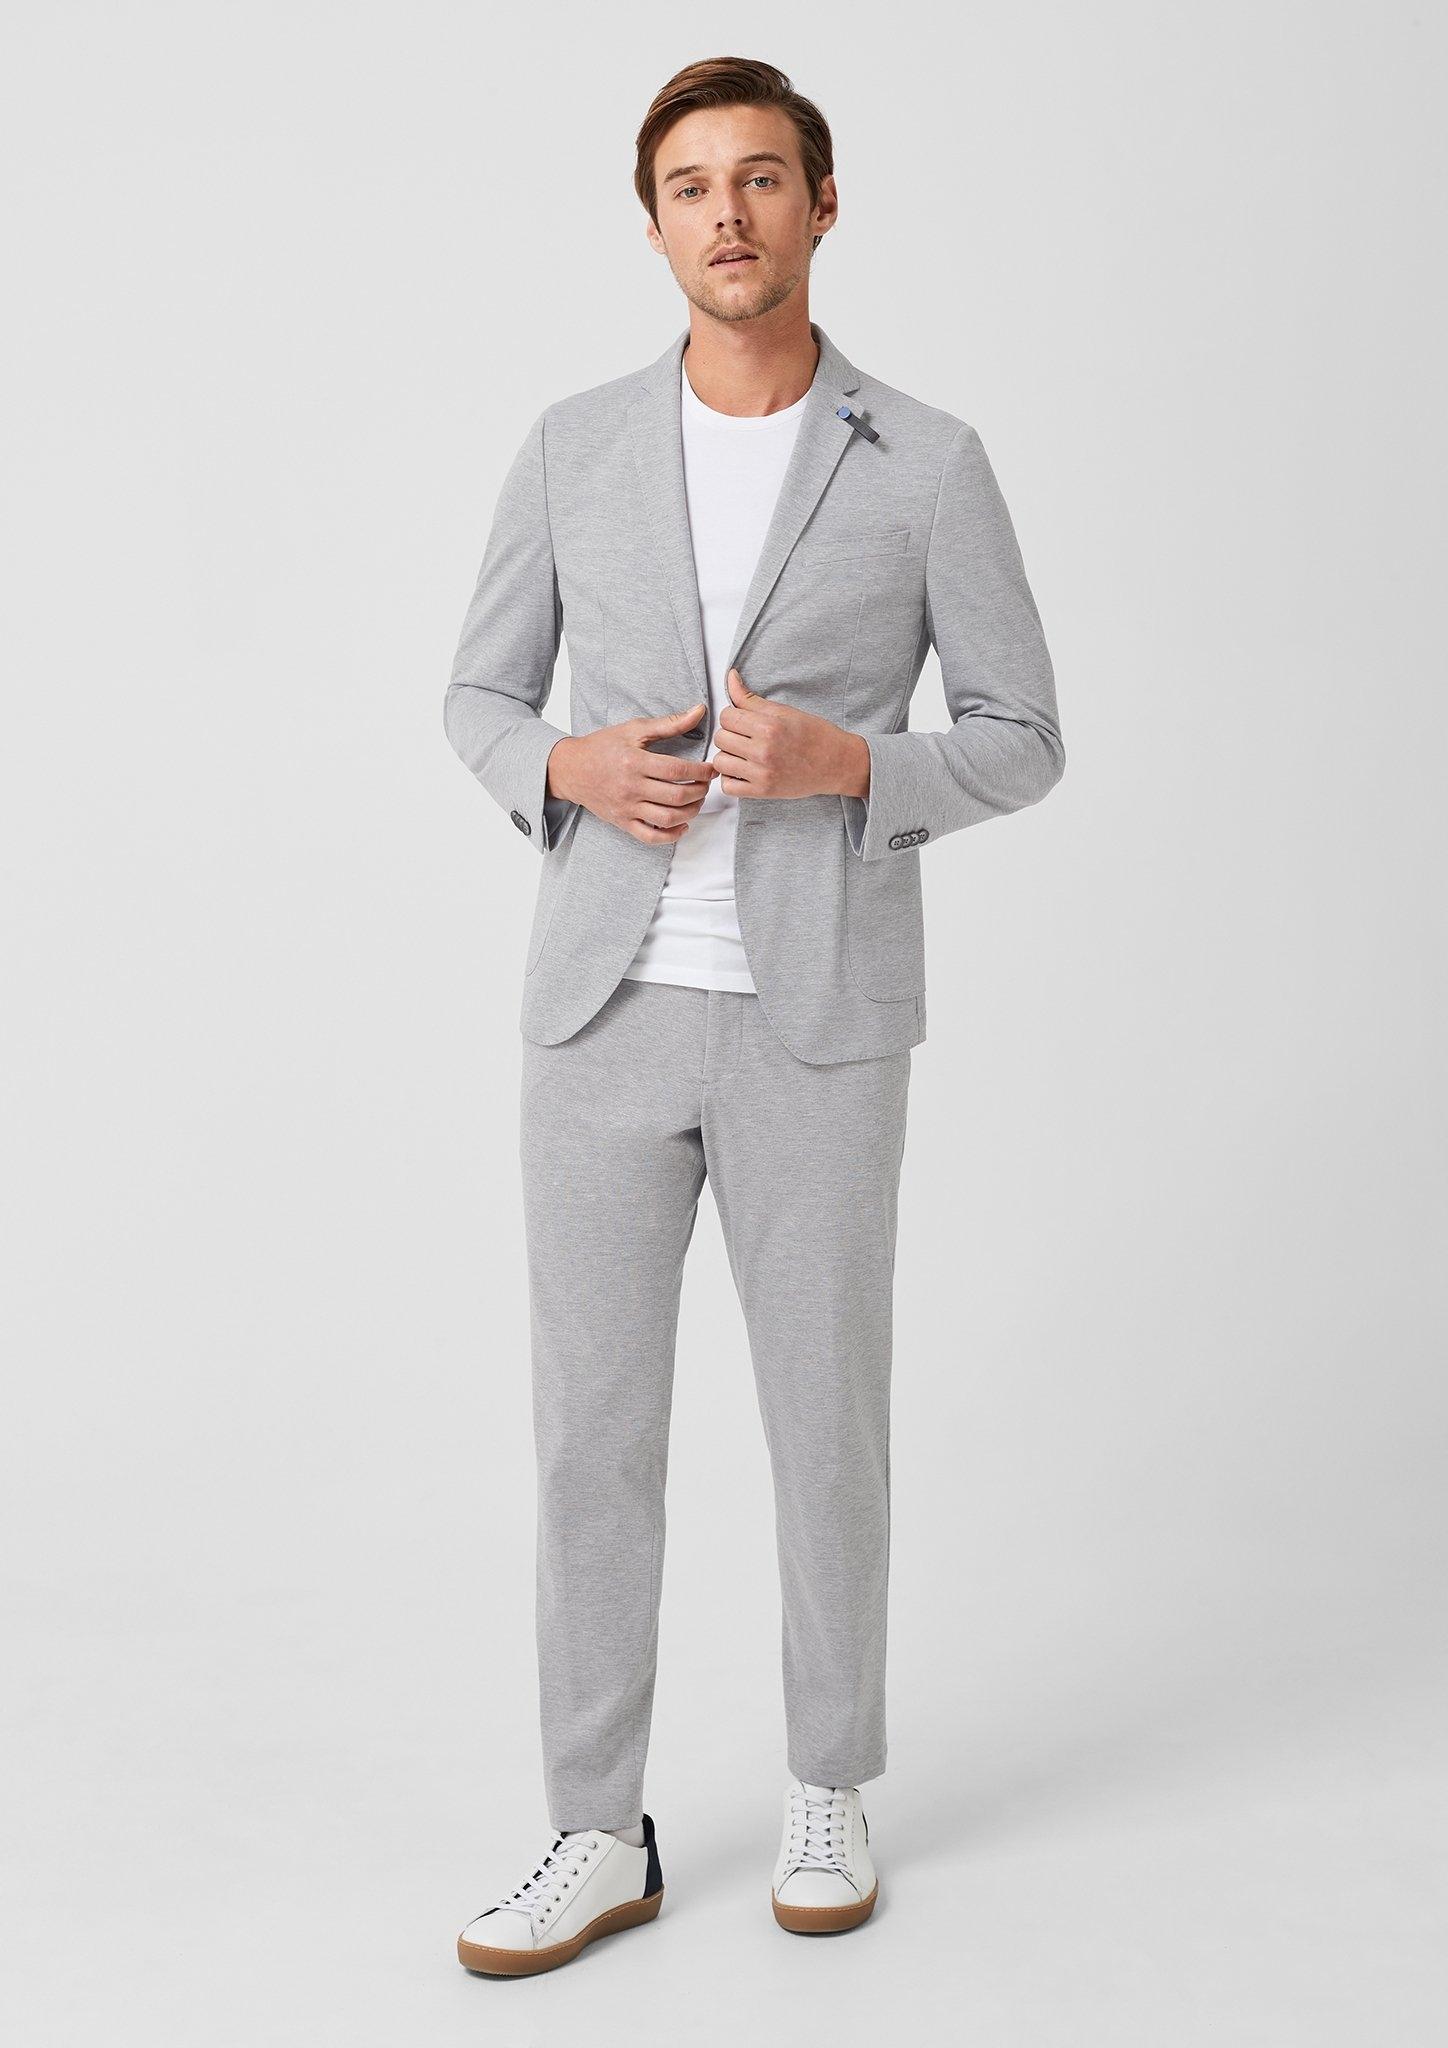 s.Oliver BLACK LABEL Slim: gemêleerde jogg suit broek - verschillende betaalmethodes